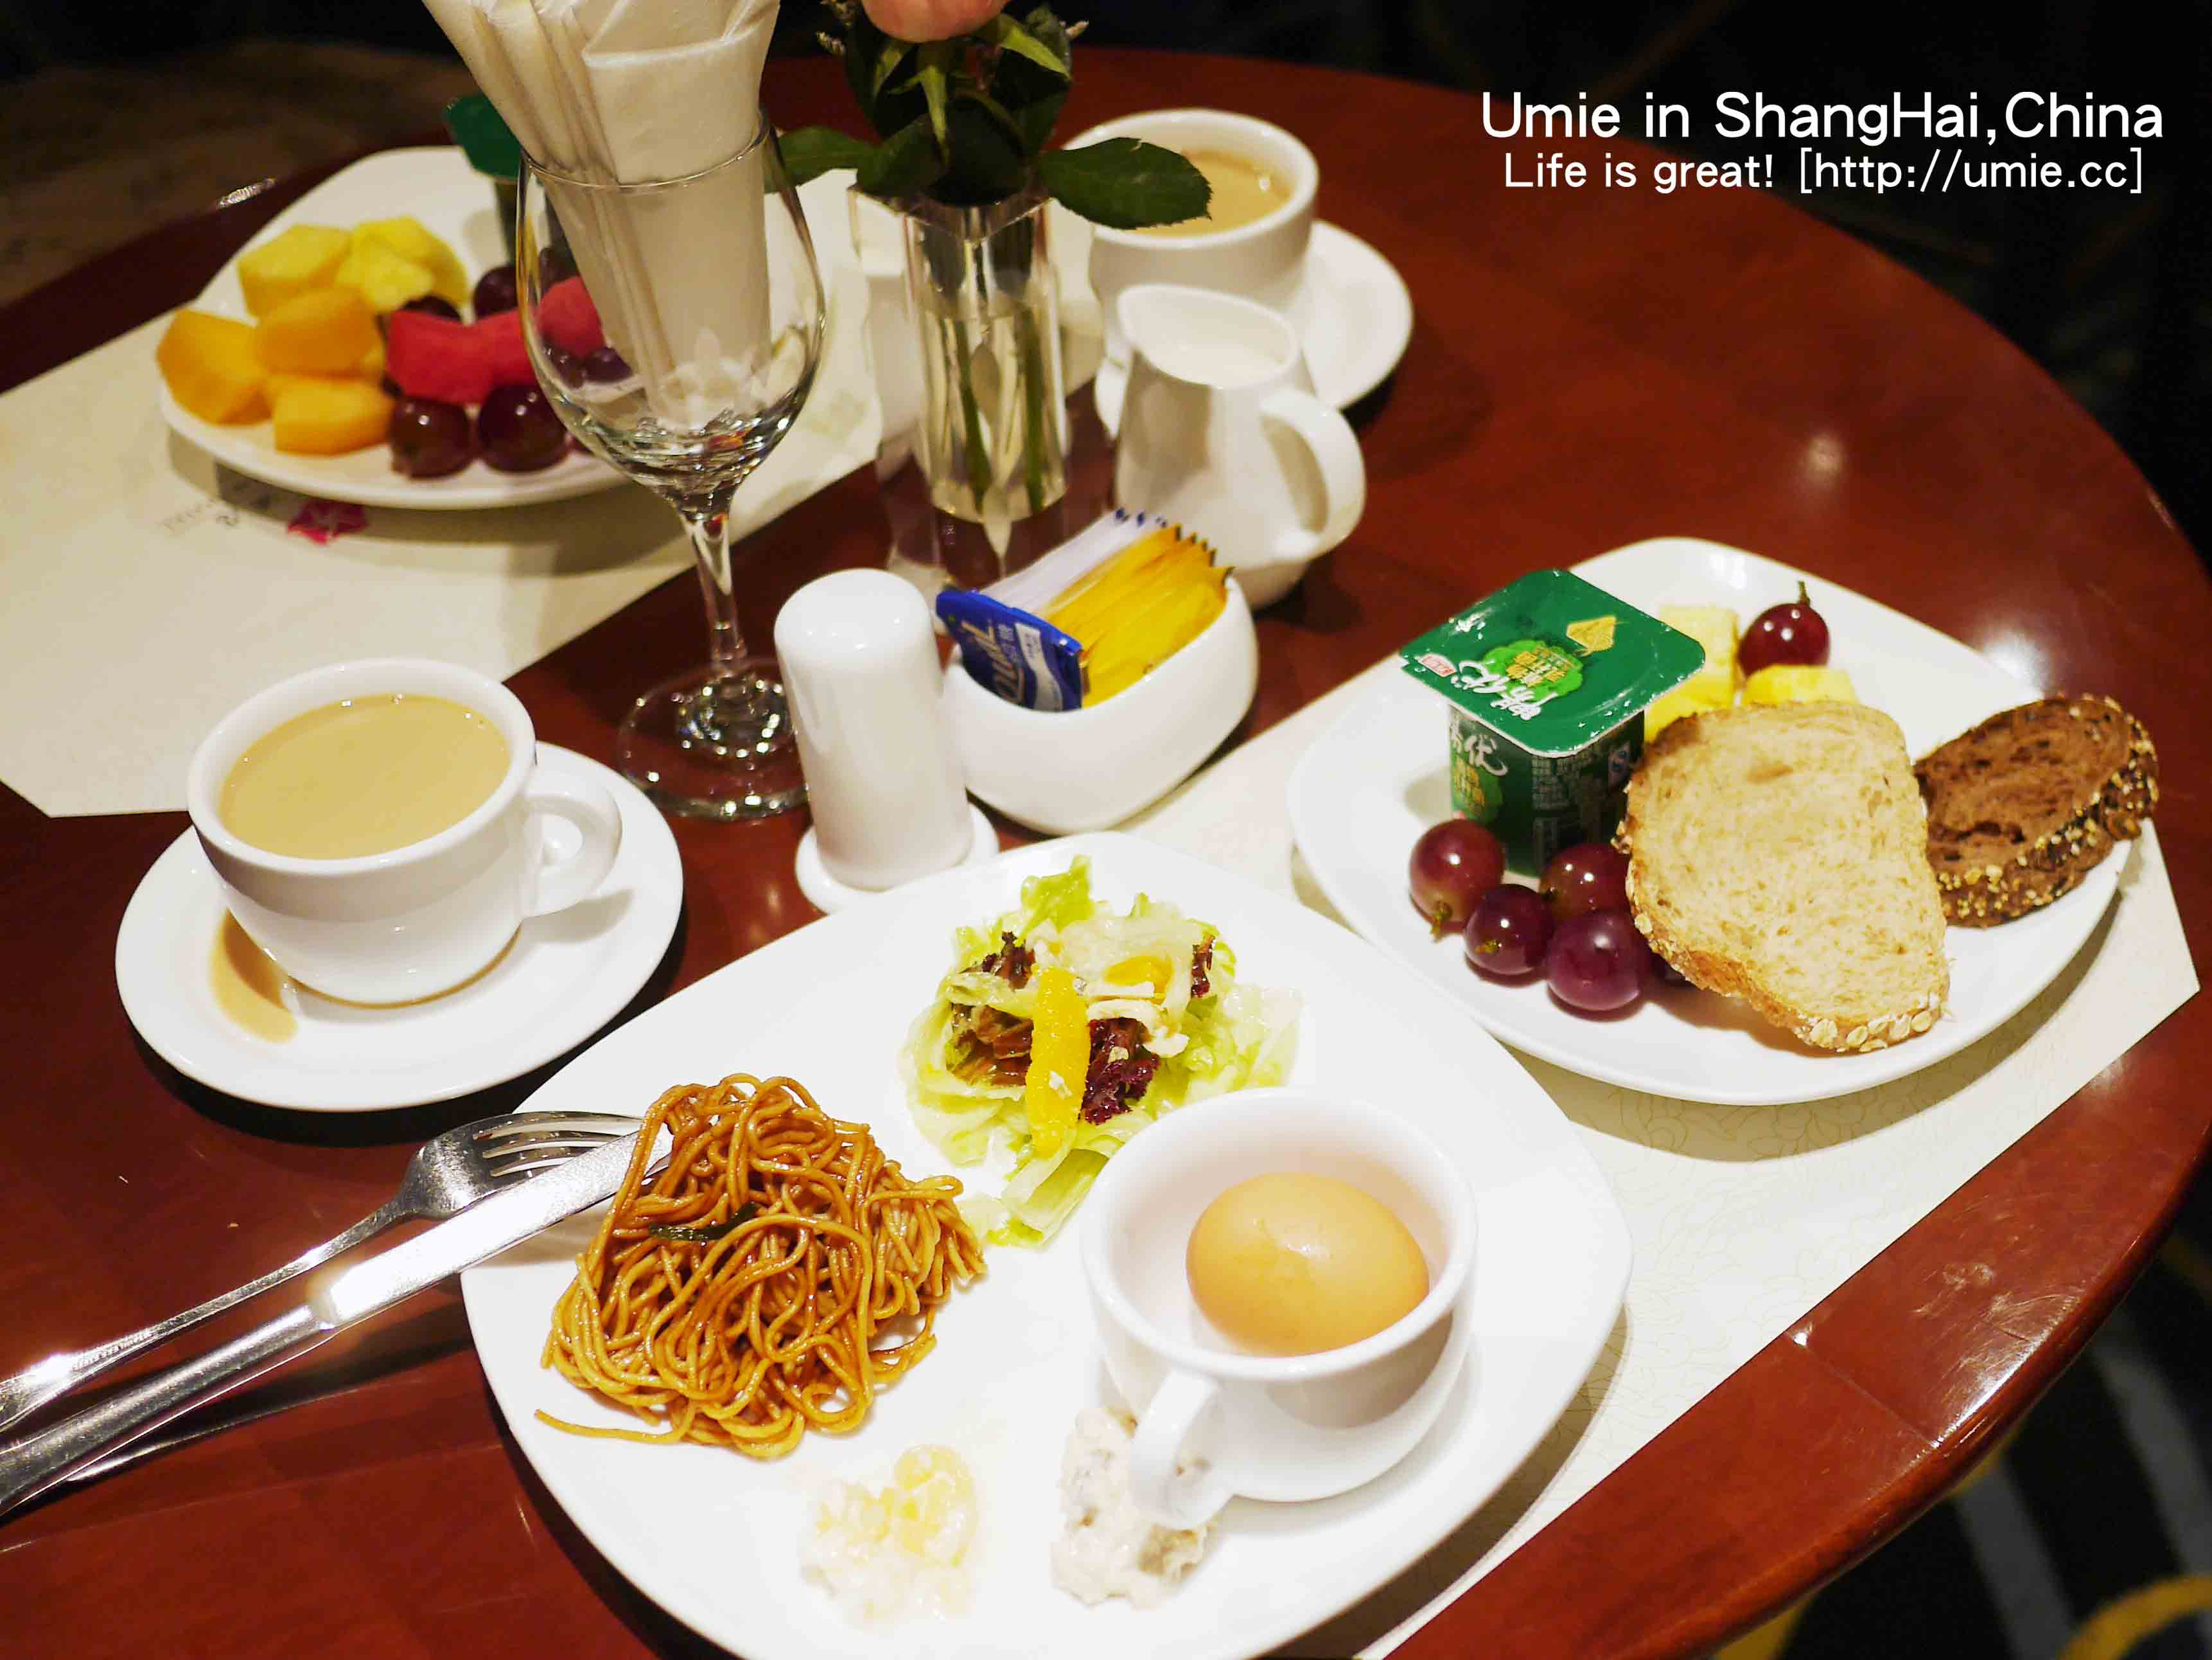 中國上海住宿推薦-便宜住宿 / 近市區 / 近購物商城 / 附早餐自助吧-靜安區吉臣酒店(Ambassador Hotel)房間設施分享 :)